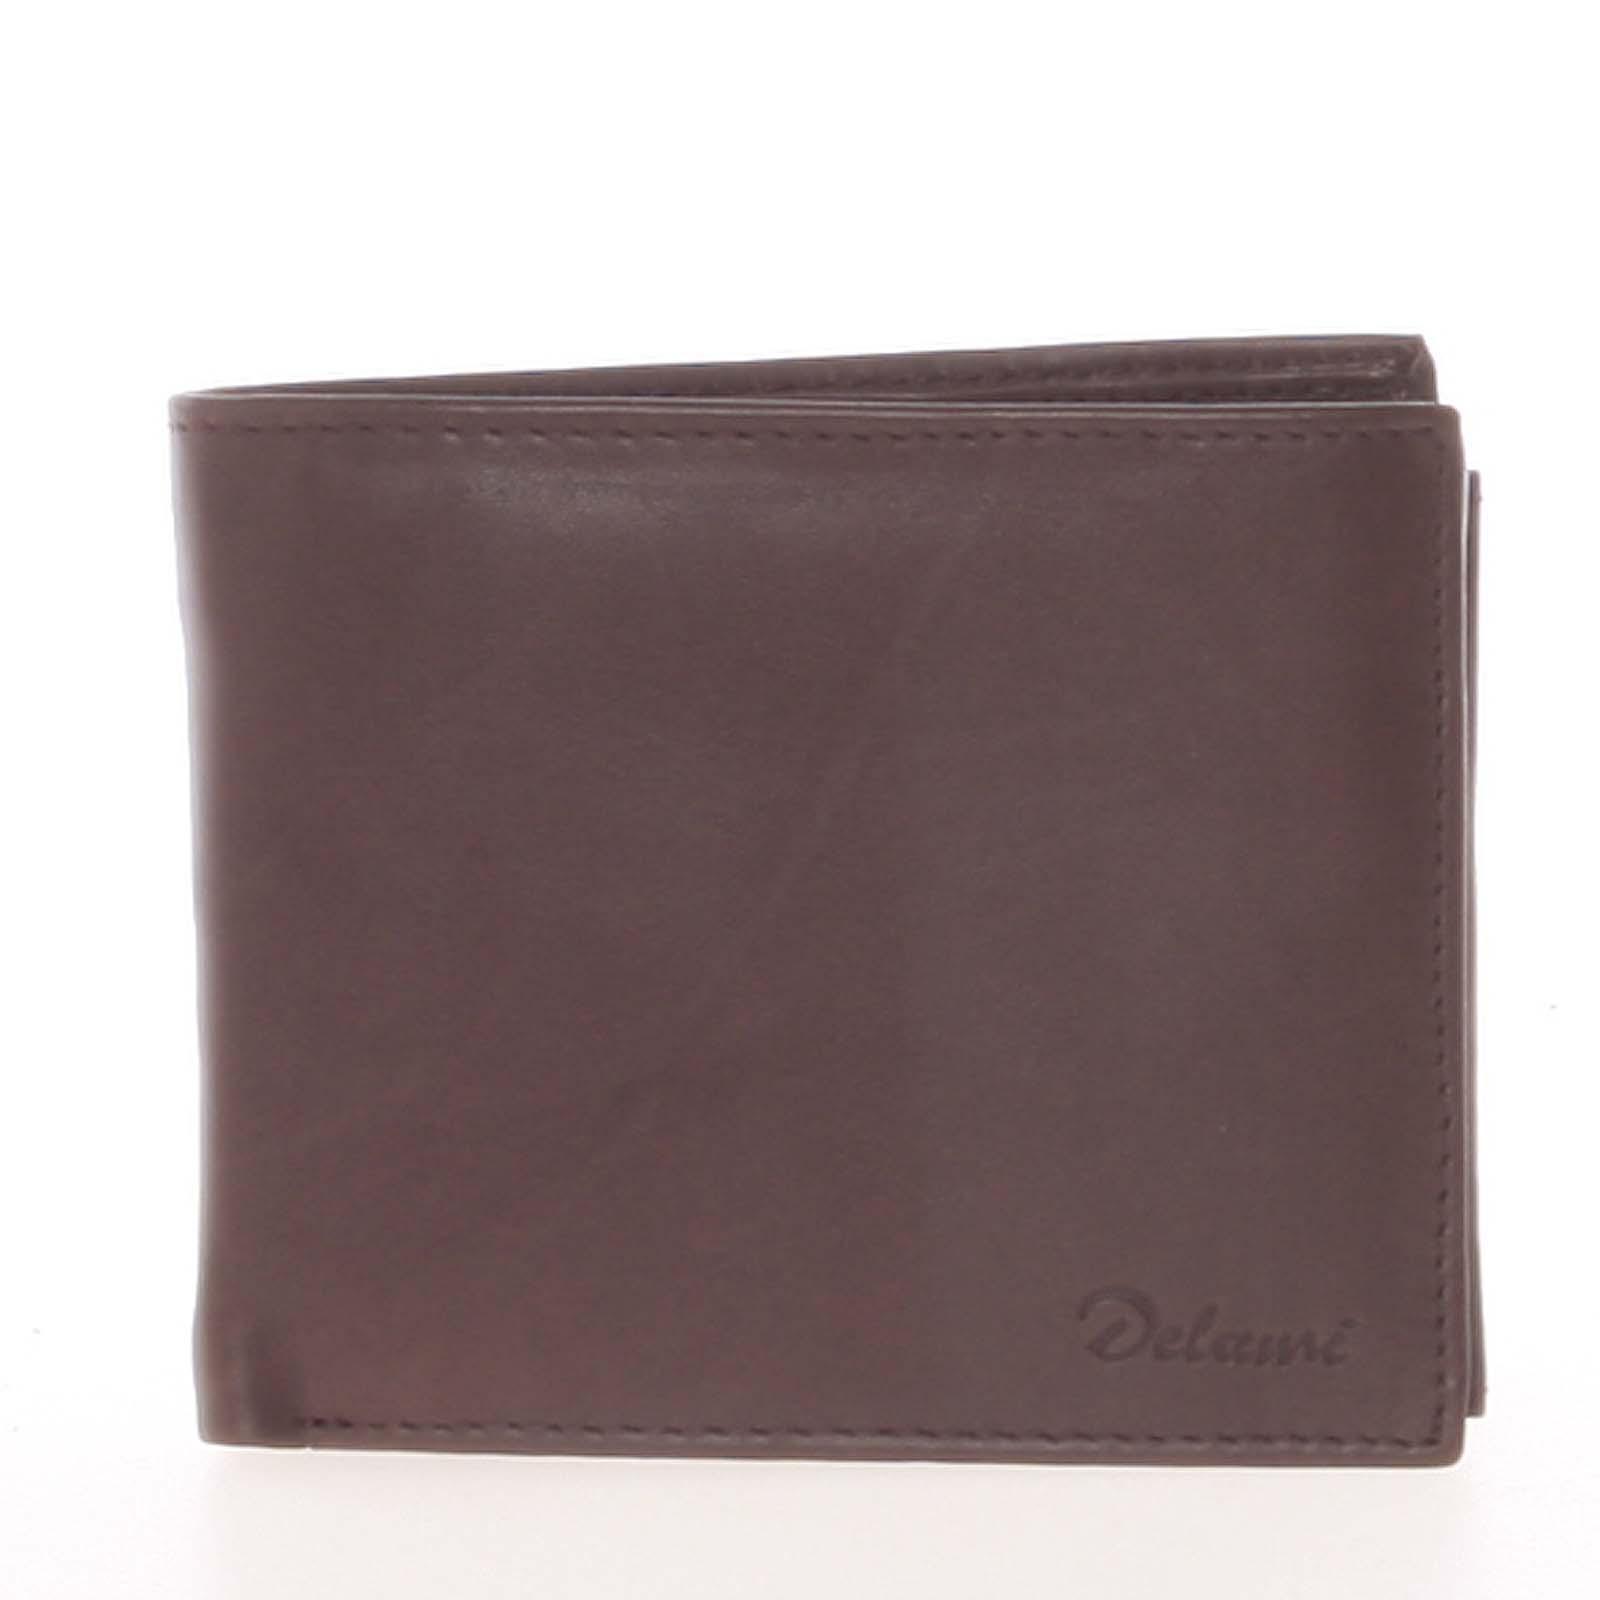 Pánská kožená peněženka hnědá - Delami Five